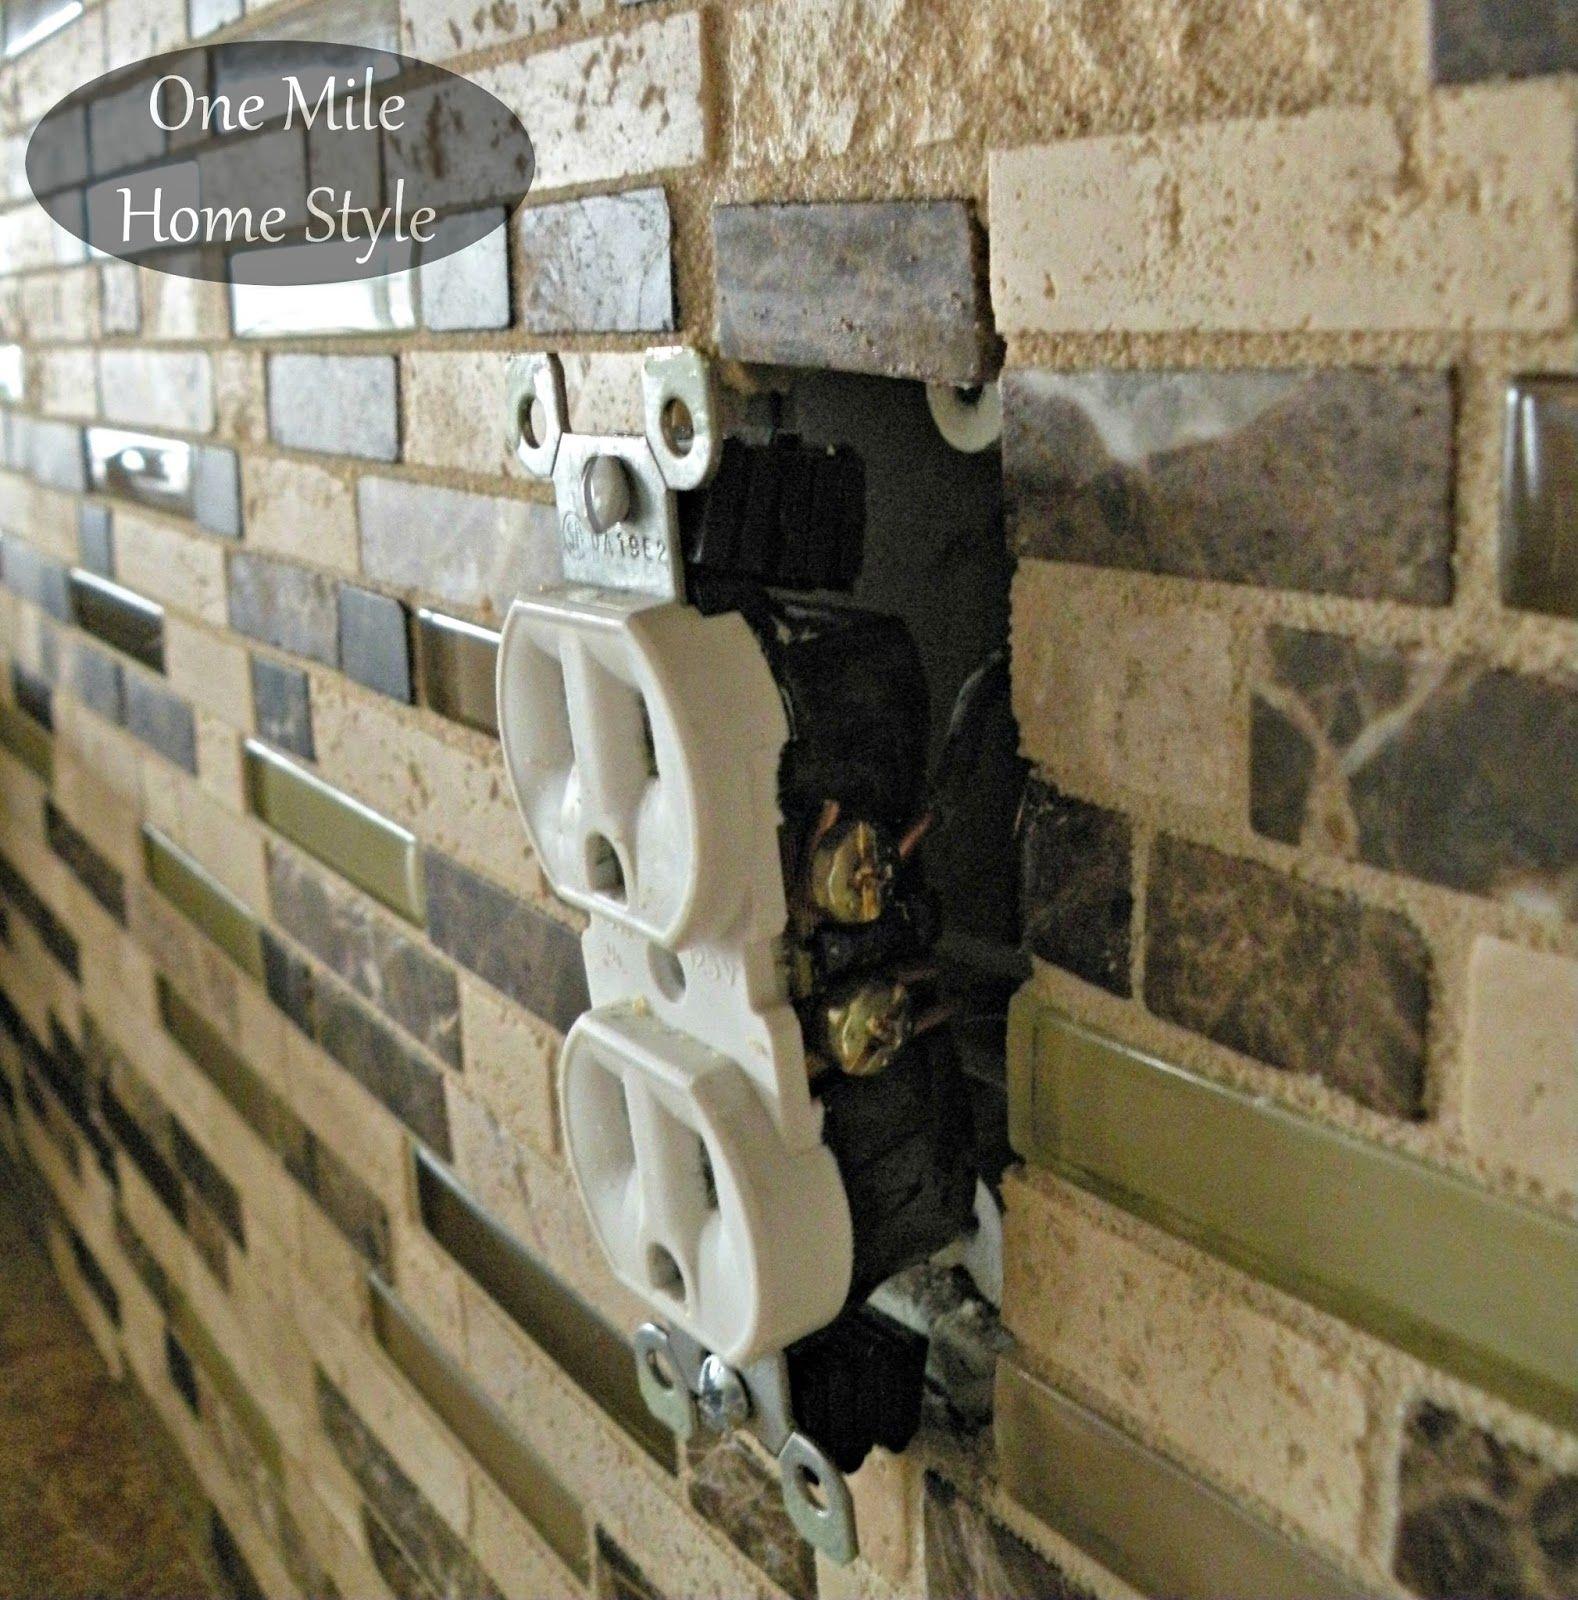 How To Adjust Outlets After Tiling Backsplash Pinterest Tiles Wiring In Bathroom Adjusting Electrical